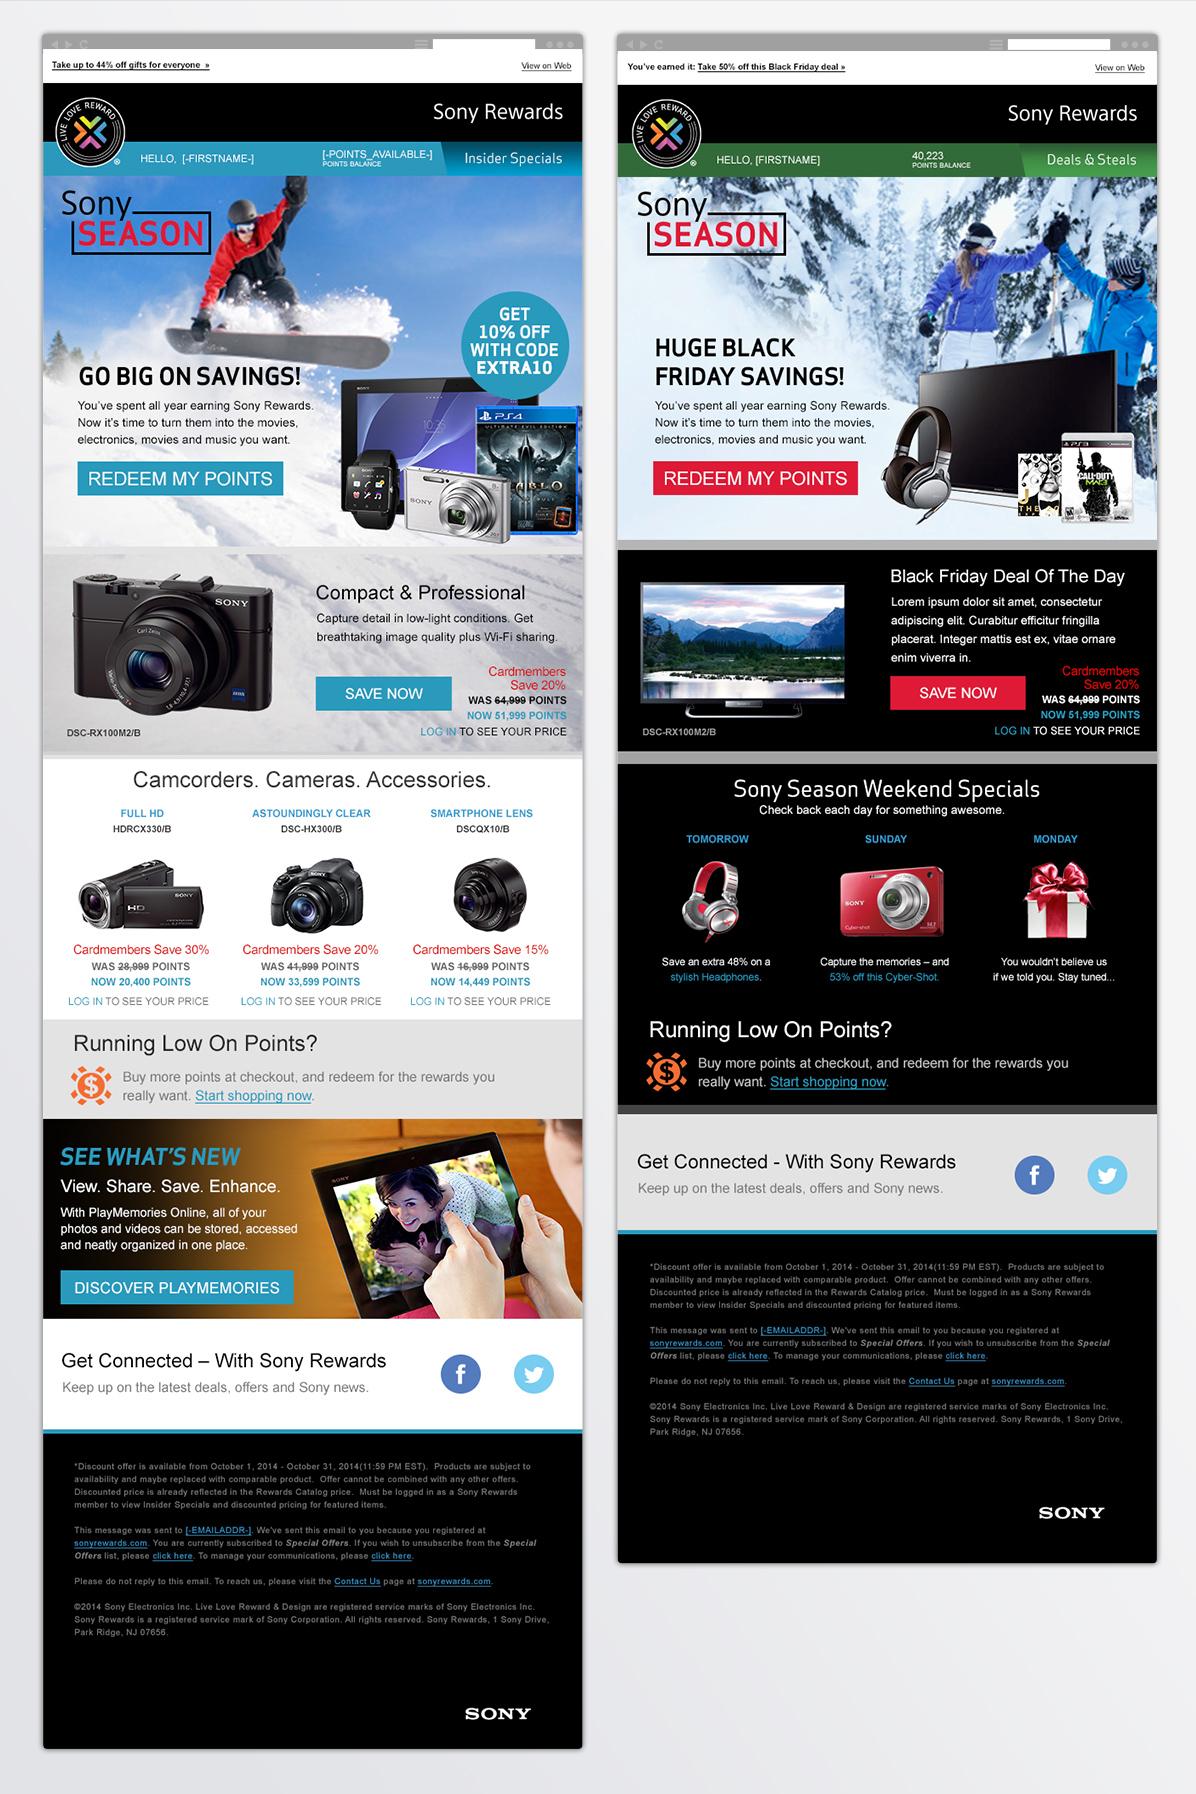 Sony Rewards It's Sony Season | Van Meter Group, Inc